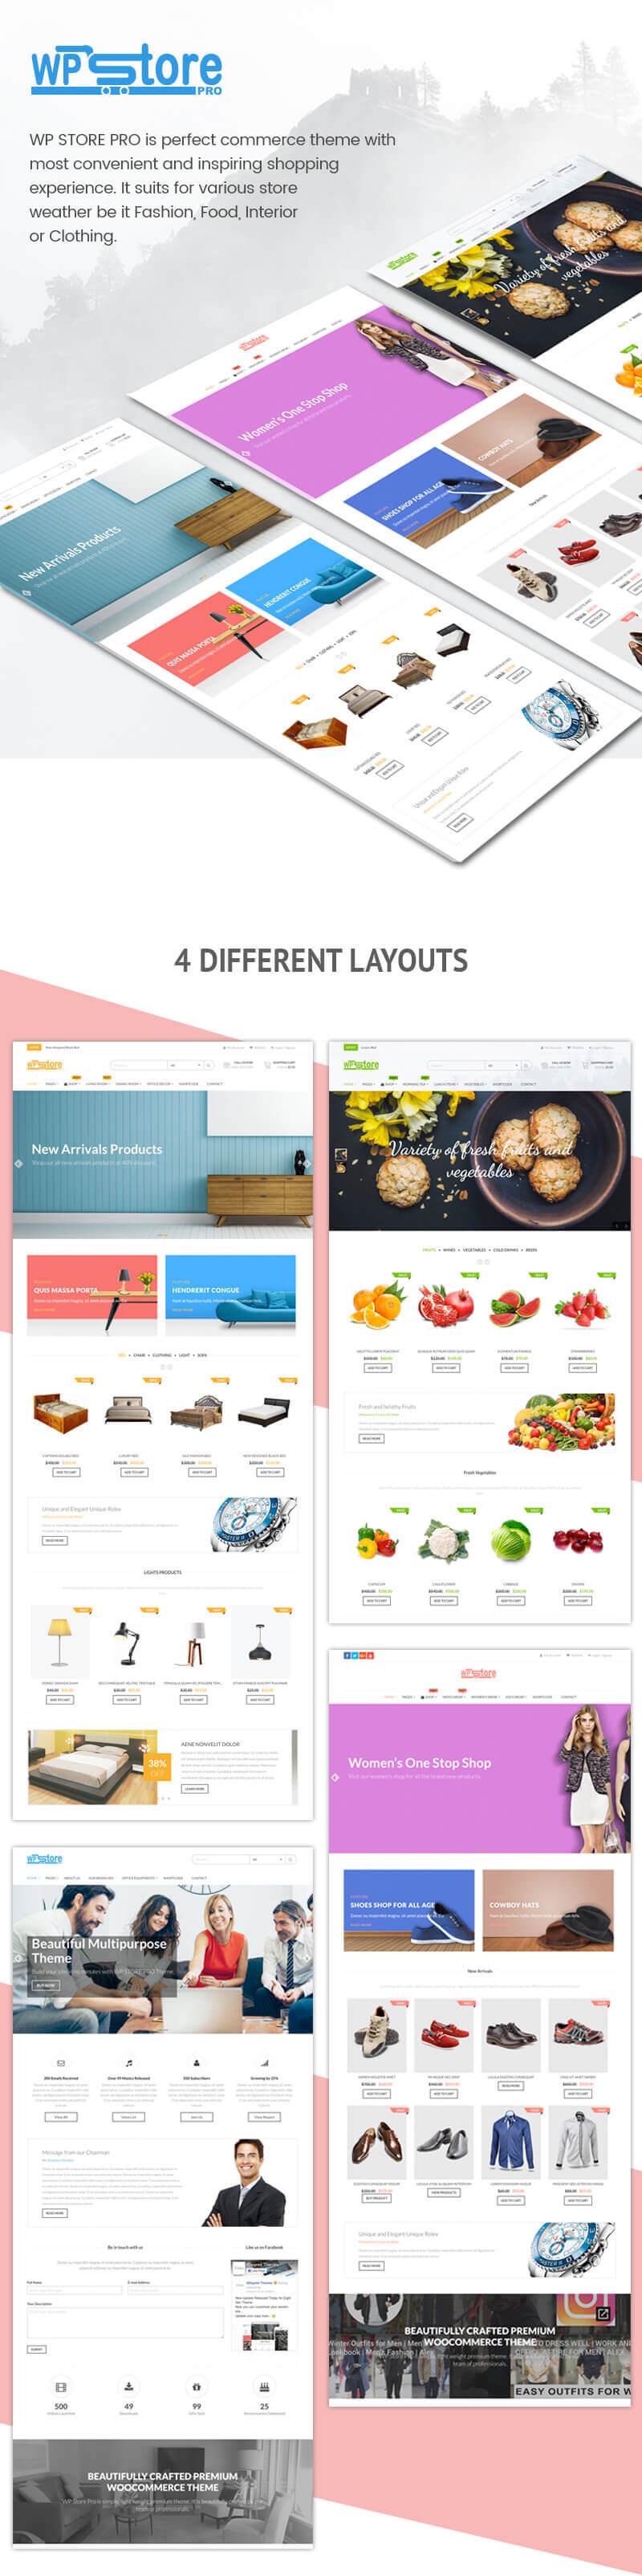 WP Store Pro – Best Premium WooCommerce Store WordPress Theme